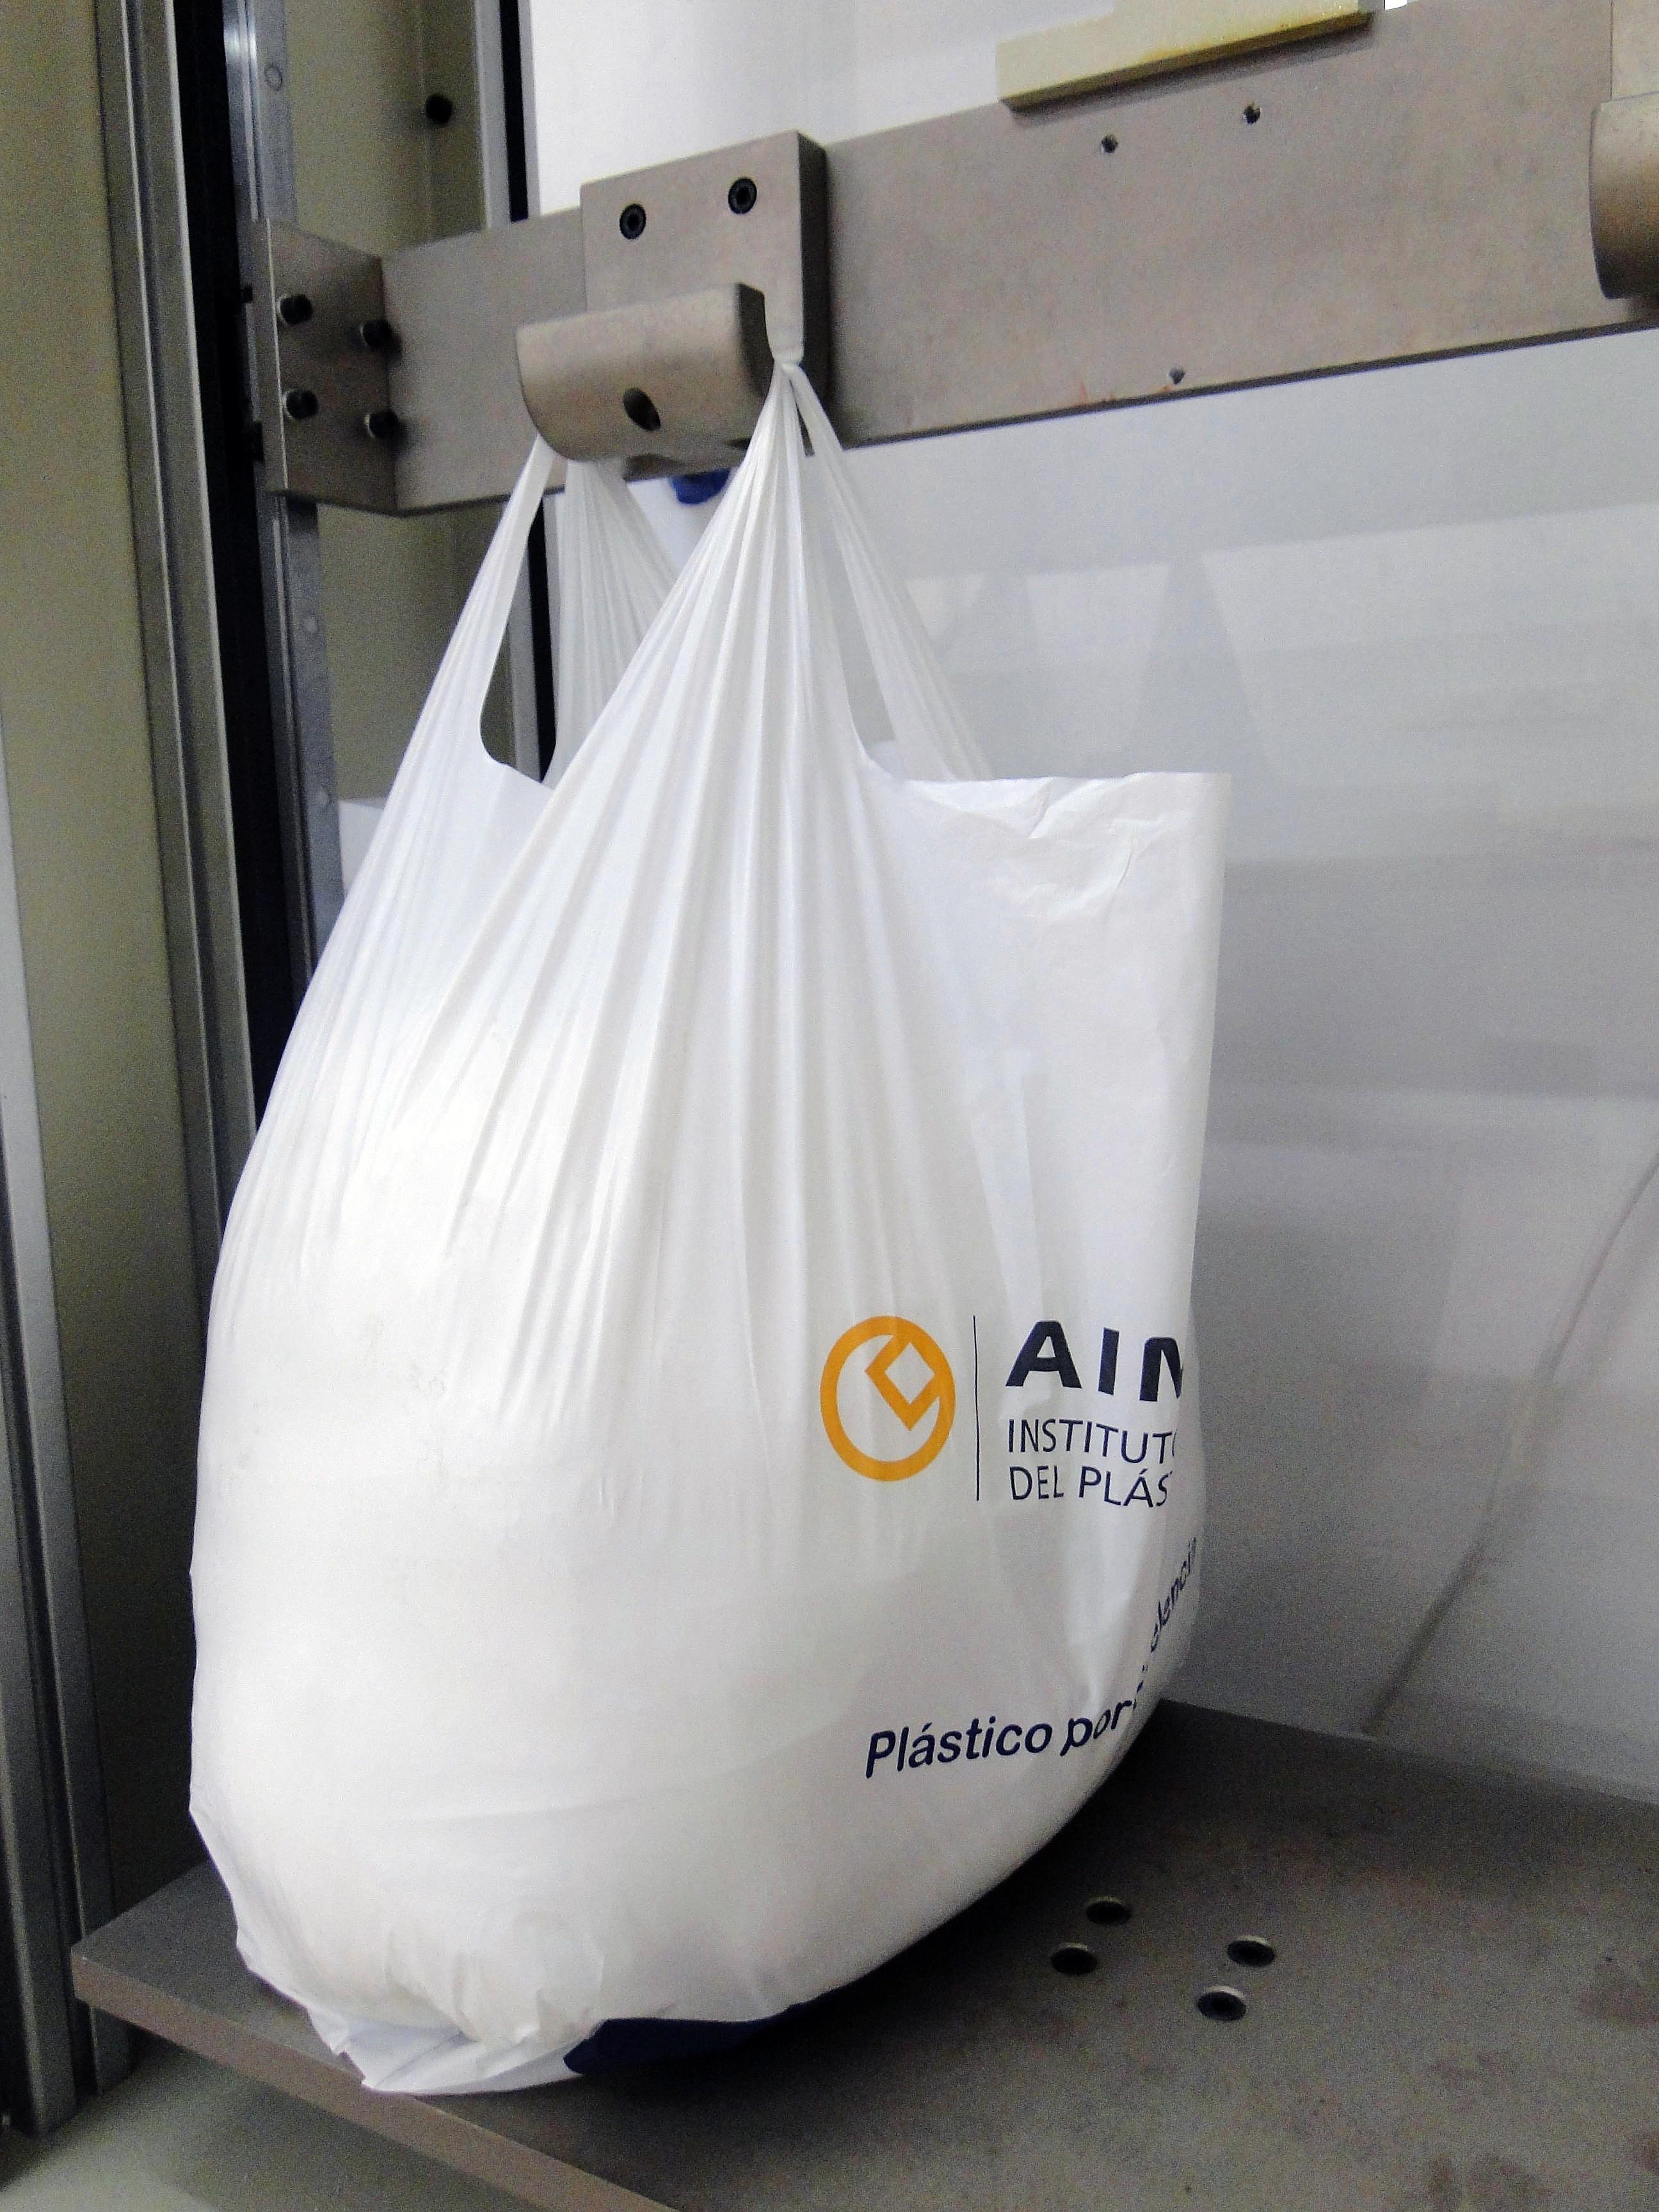 17e98356d Normativa para bolsas de plástico